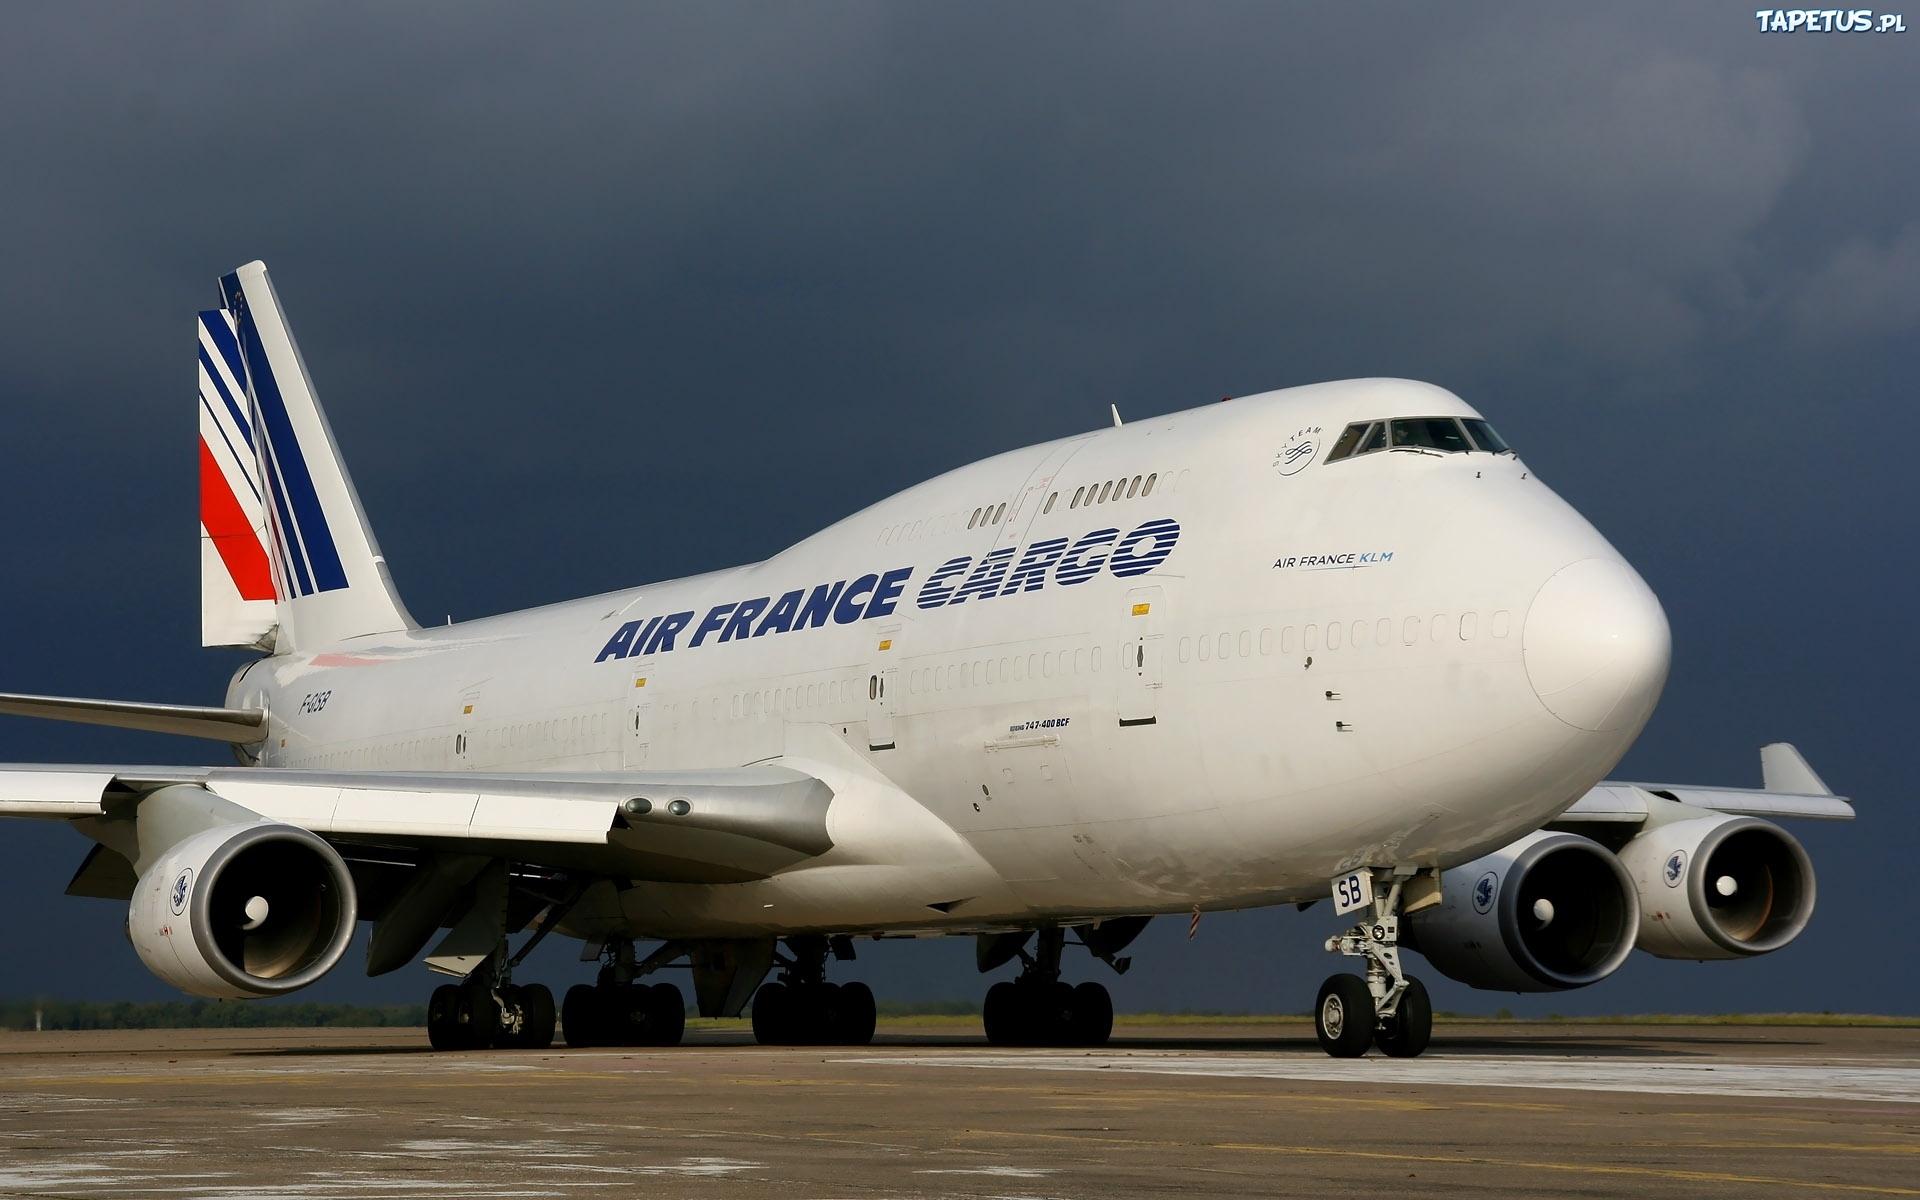 https://www.teachwithfergy.com/wp-content/uploads/2015/07/57740_boeing-747-400-jumbo-jet.jpg